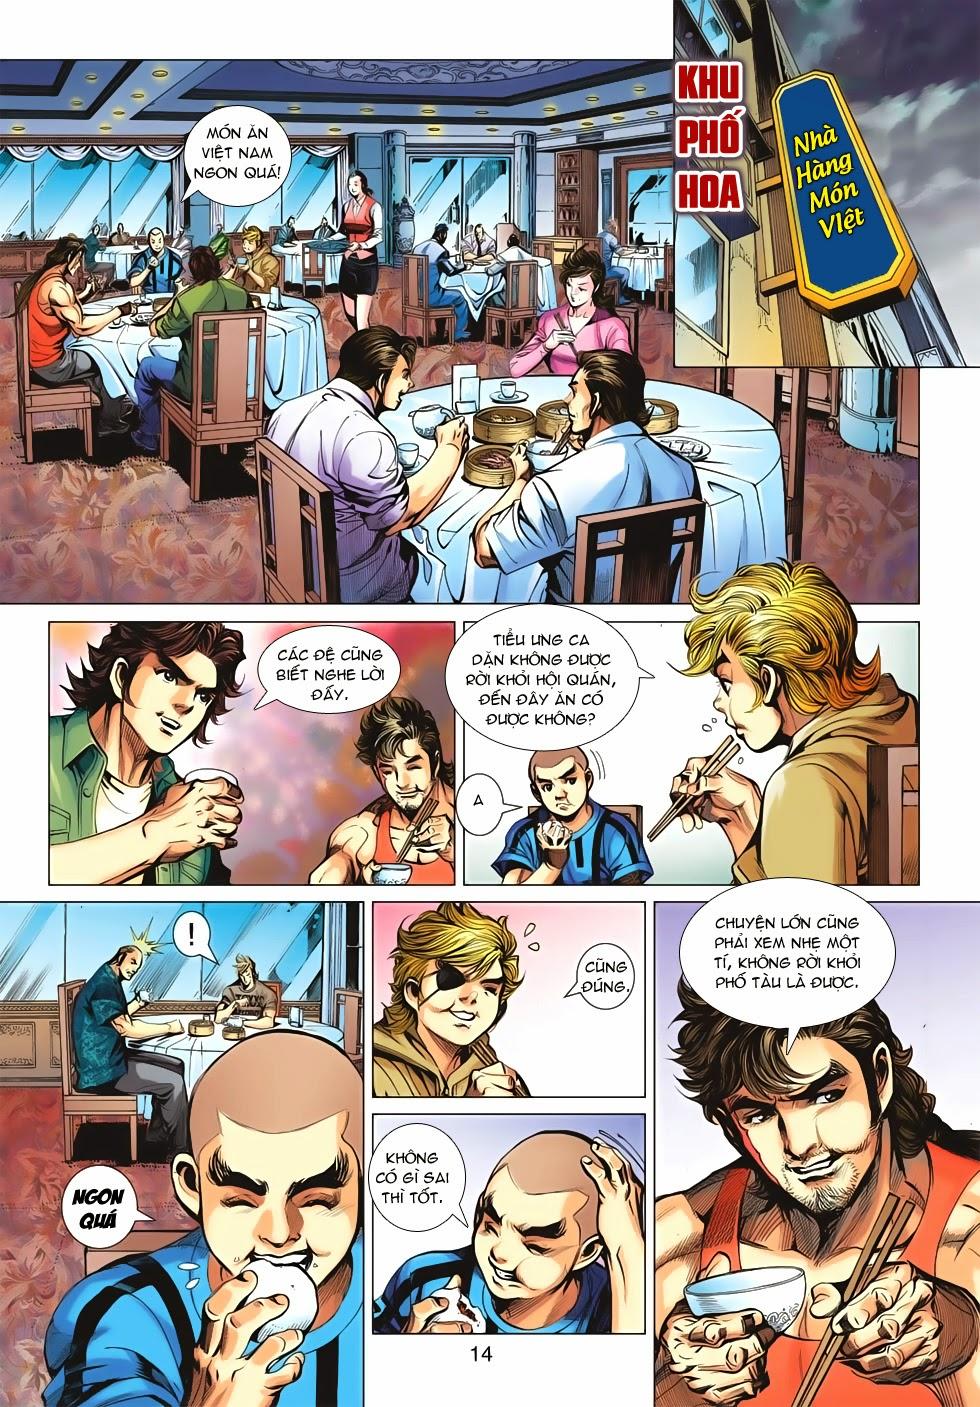 Tân Tác Long Hổ Môn chap 659 - Trang 14